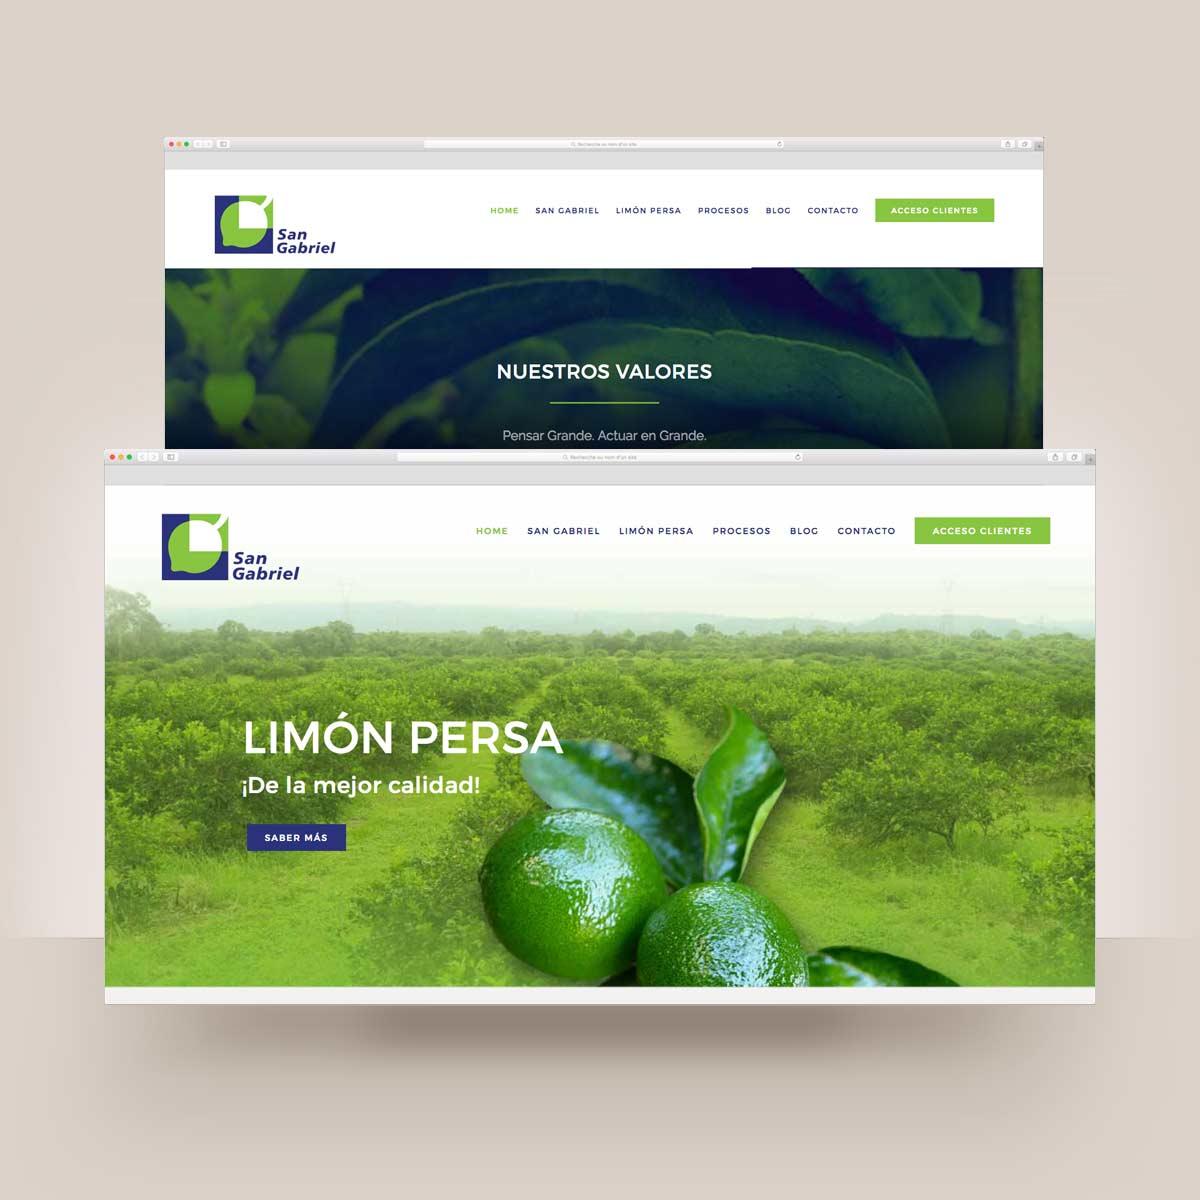 San Gabriel exportador y productor de limon persa